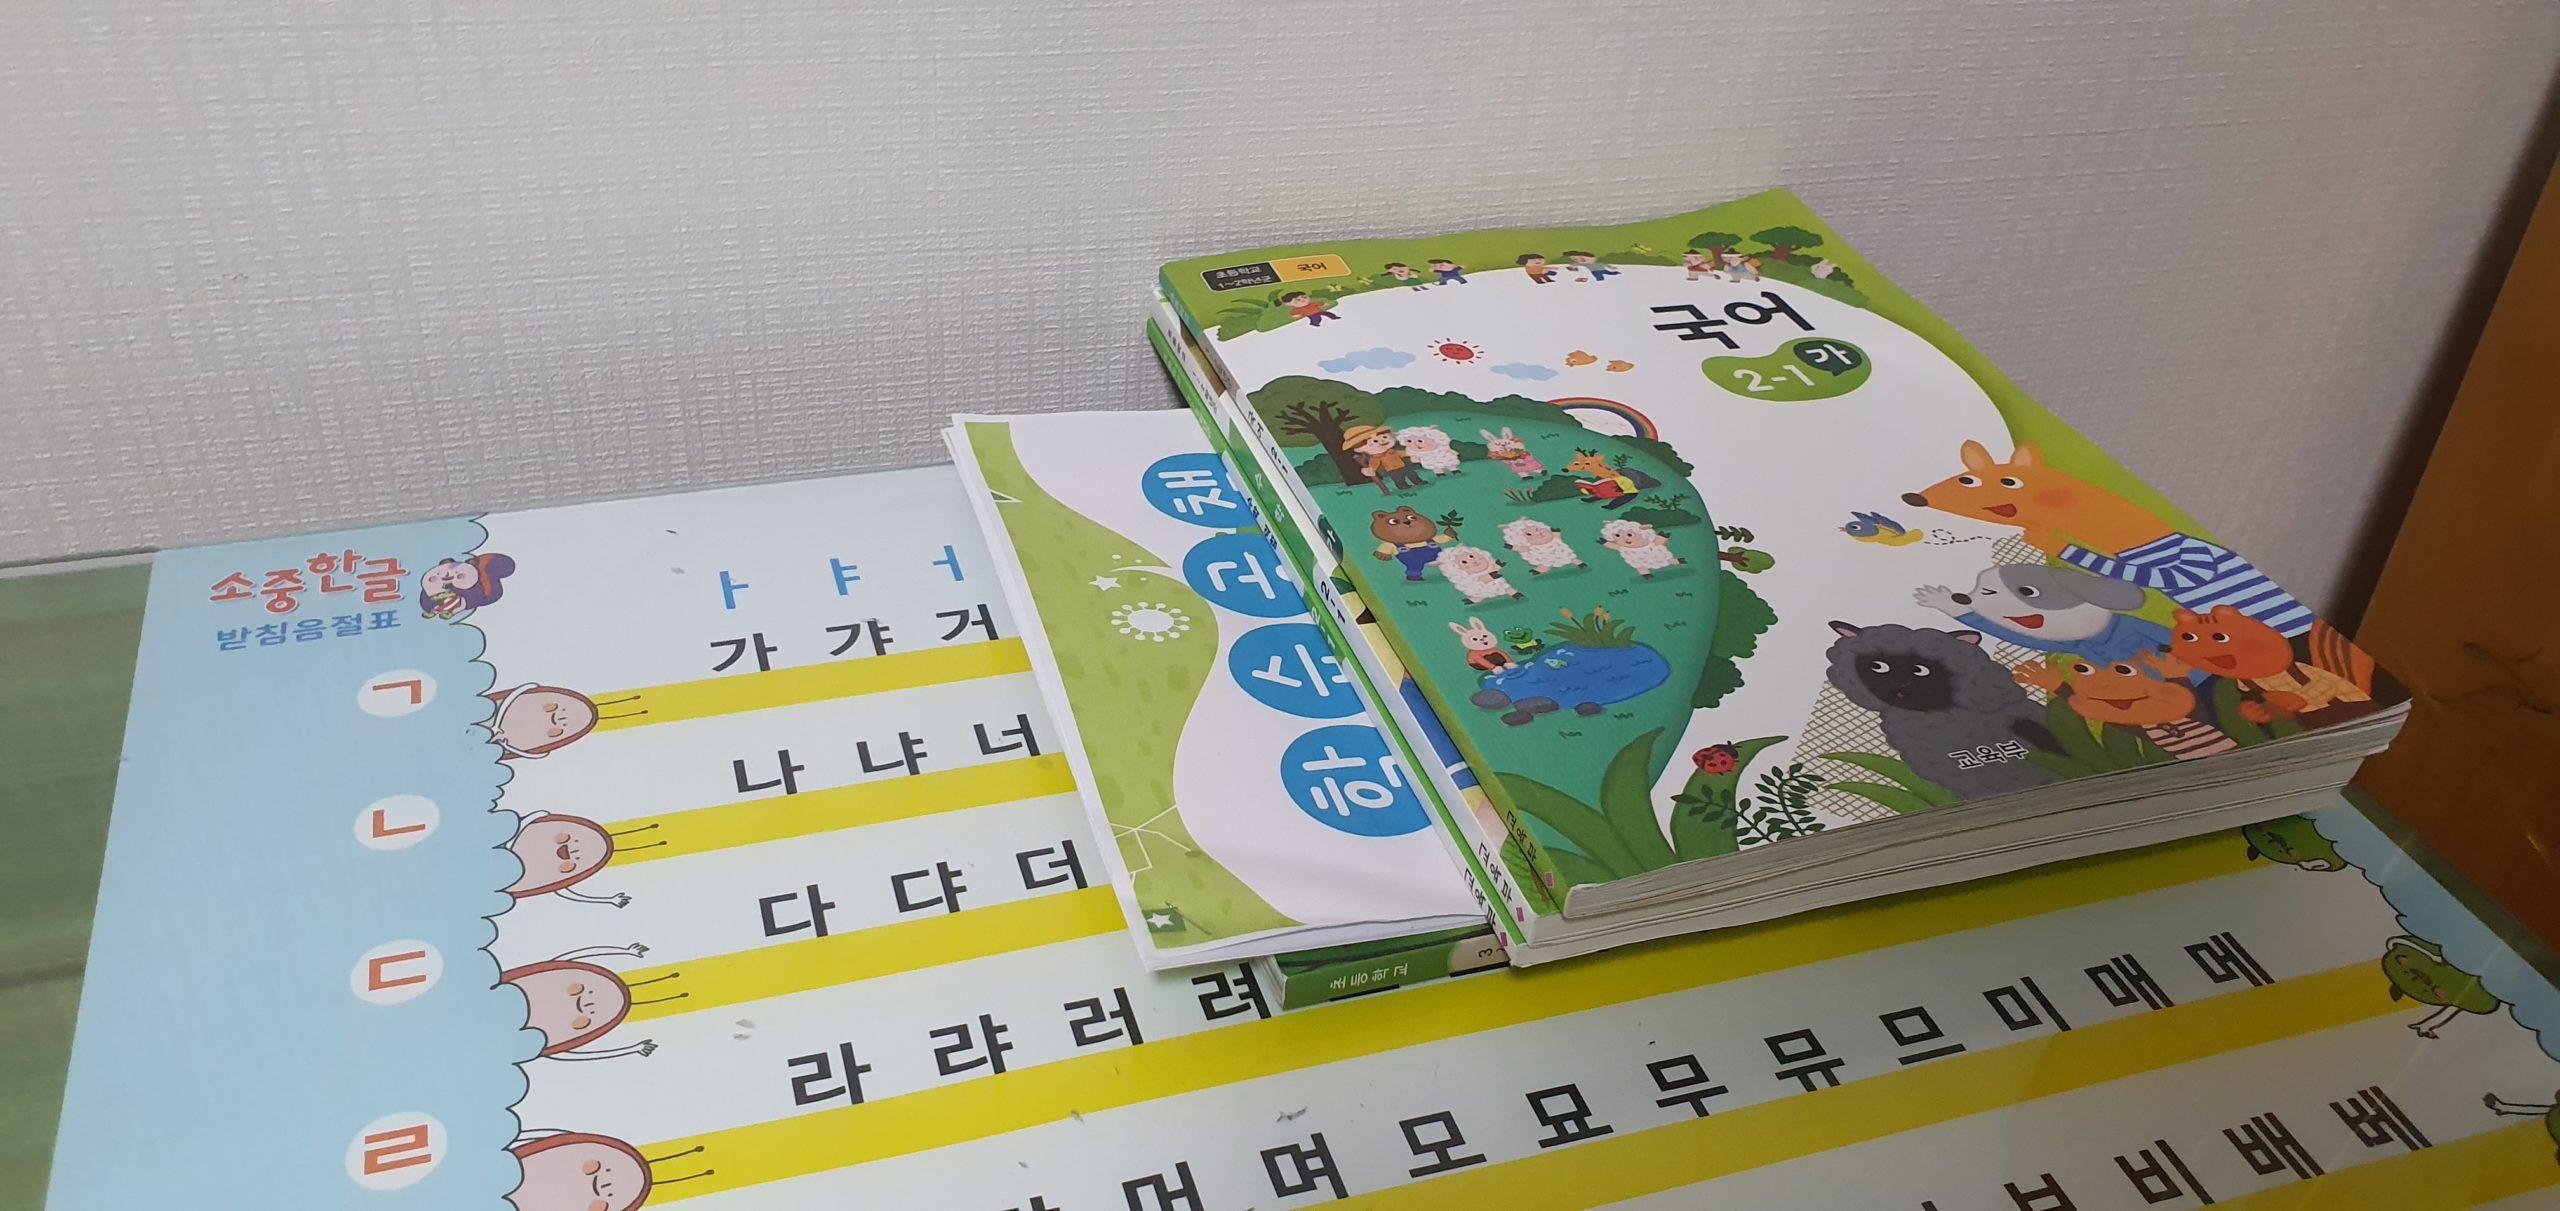 【韓国小学生】オンライン授業ついに始まる!